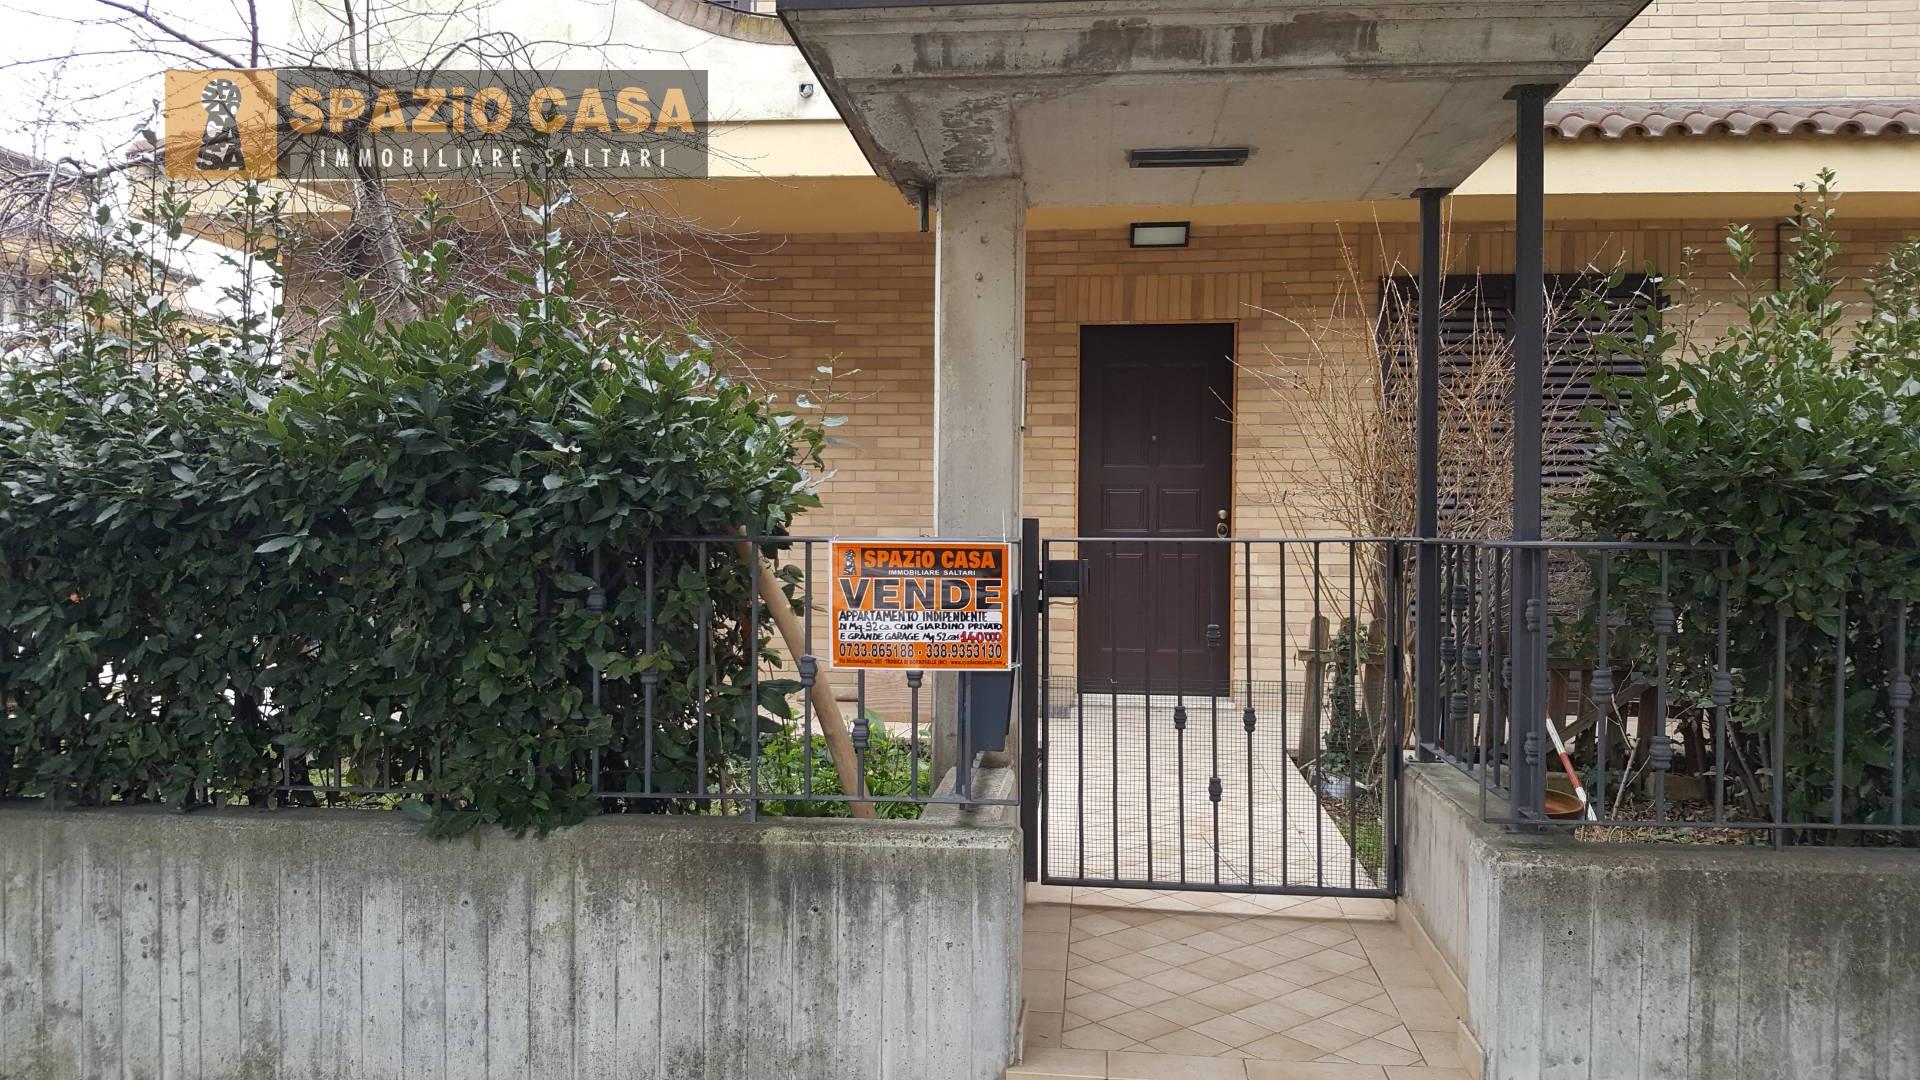 montecosaro vendita quart: montecosaro scalo spazio casa di massimo saltari